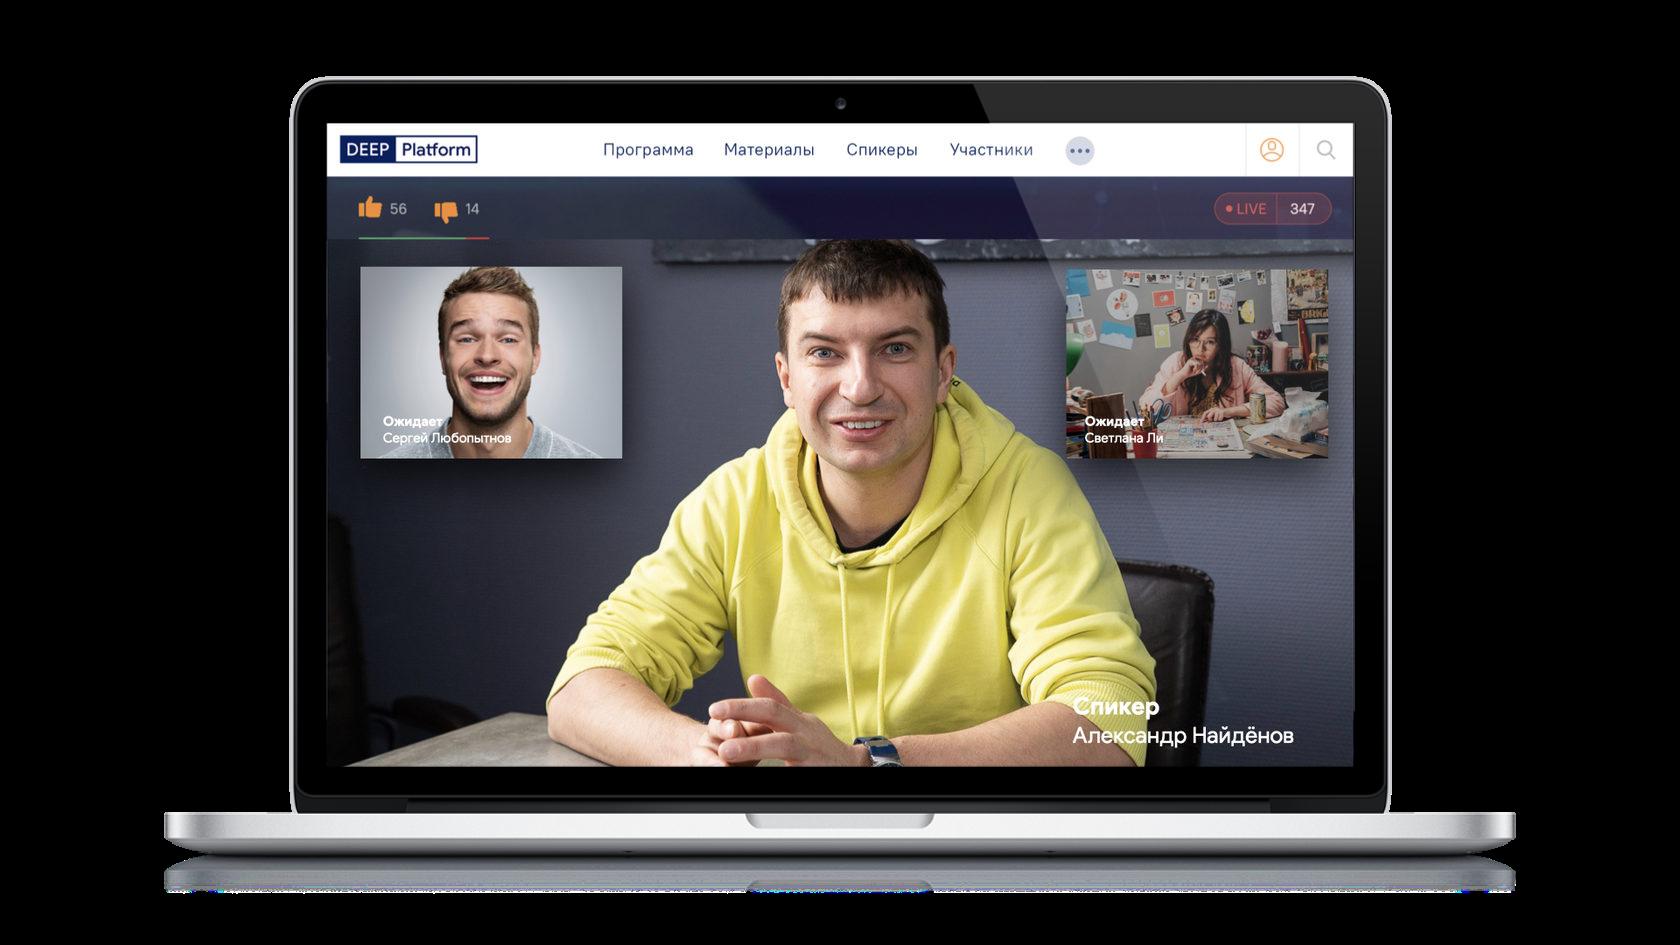 интерьер при проведении онлайн мероприятий